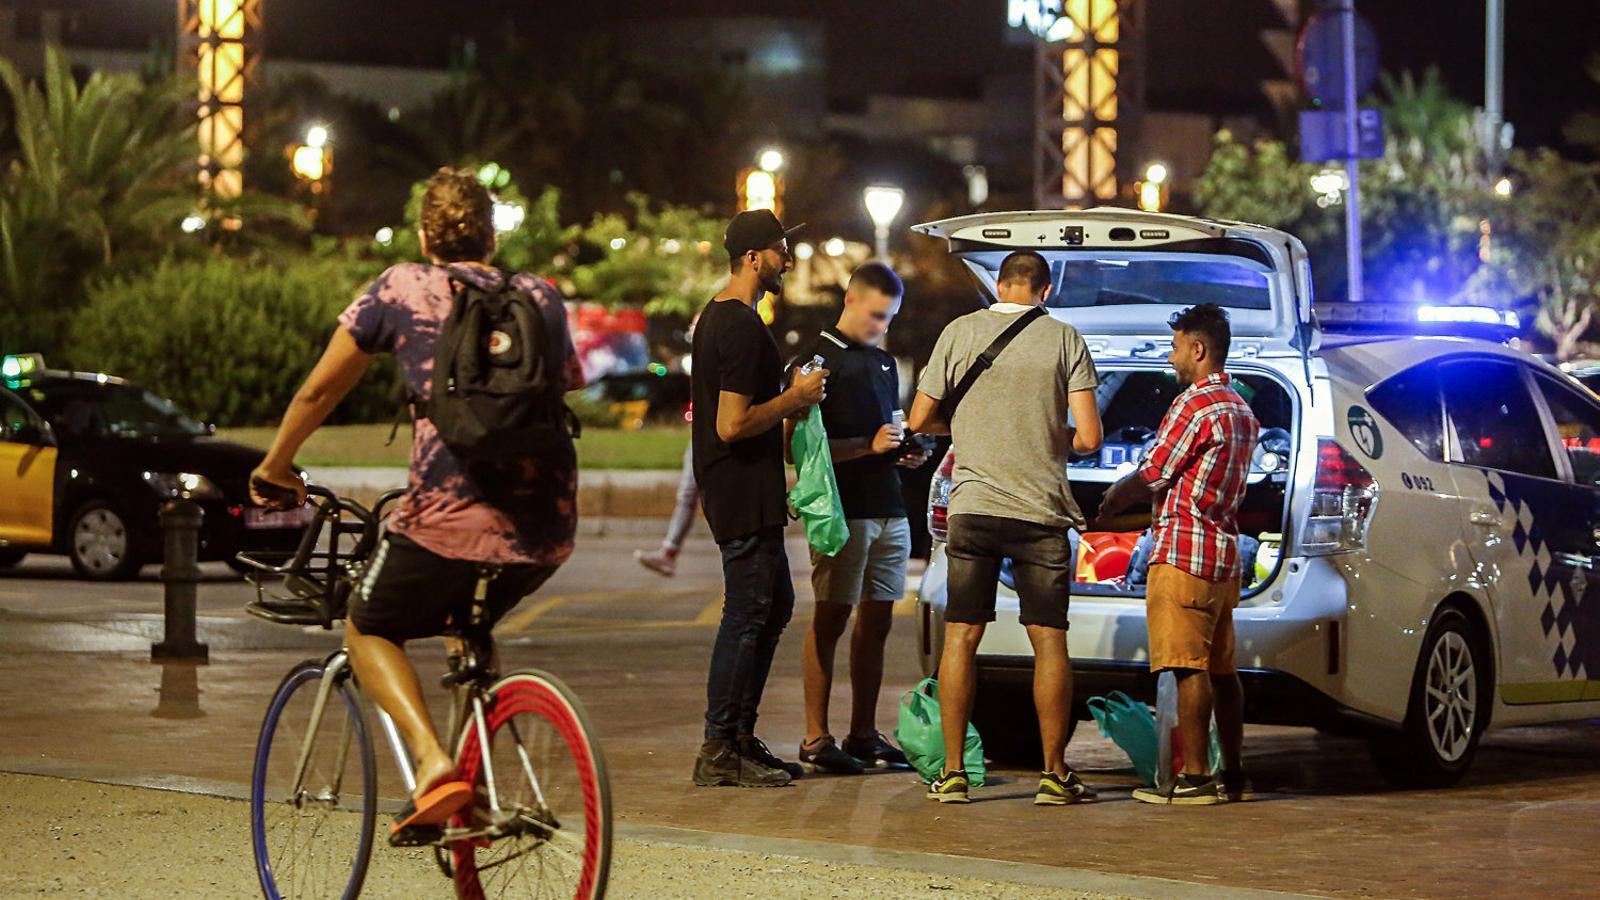 Alcohol, batusses i saturació policial a les nits del Port Olímpic